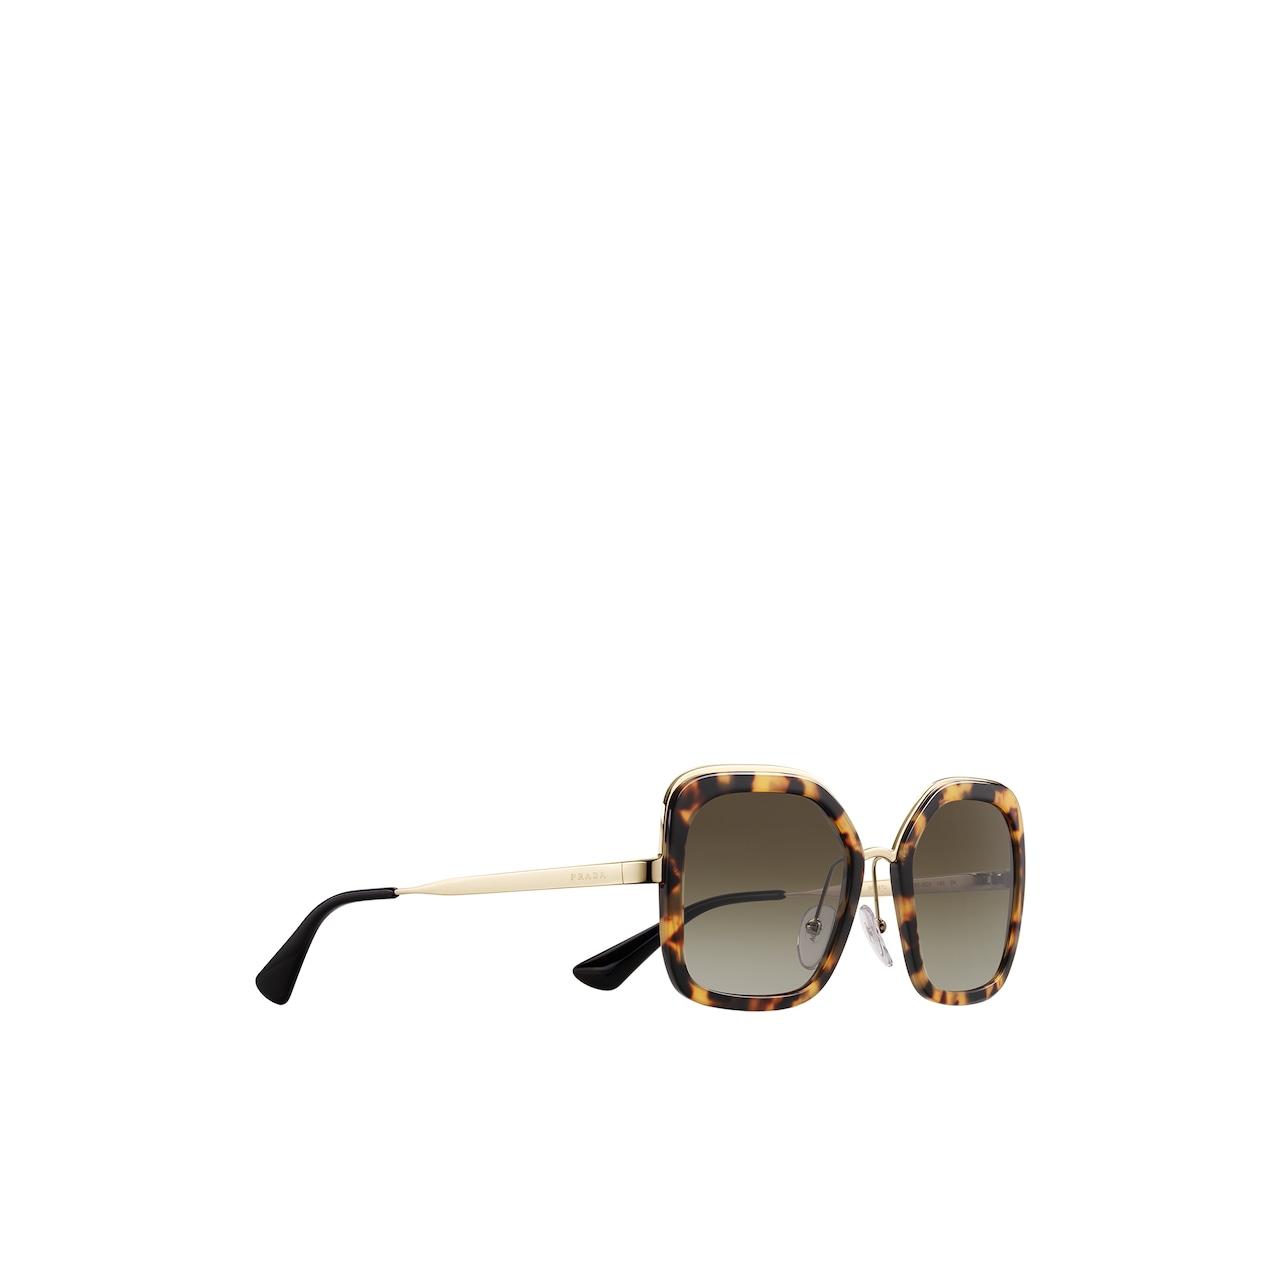 Prada Cinéma eyewear